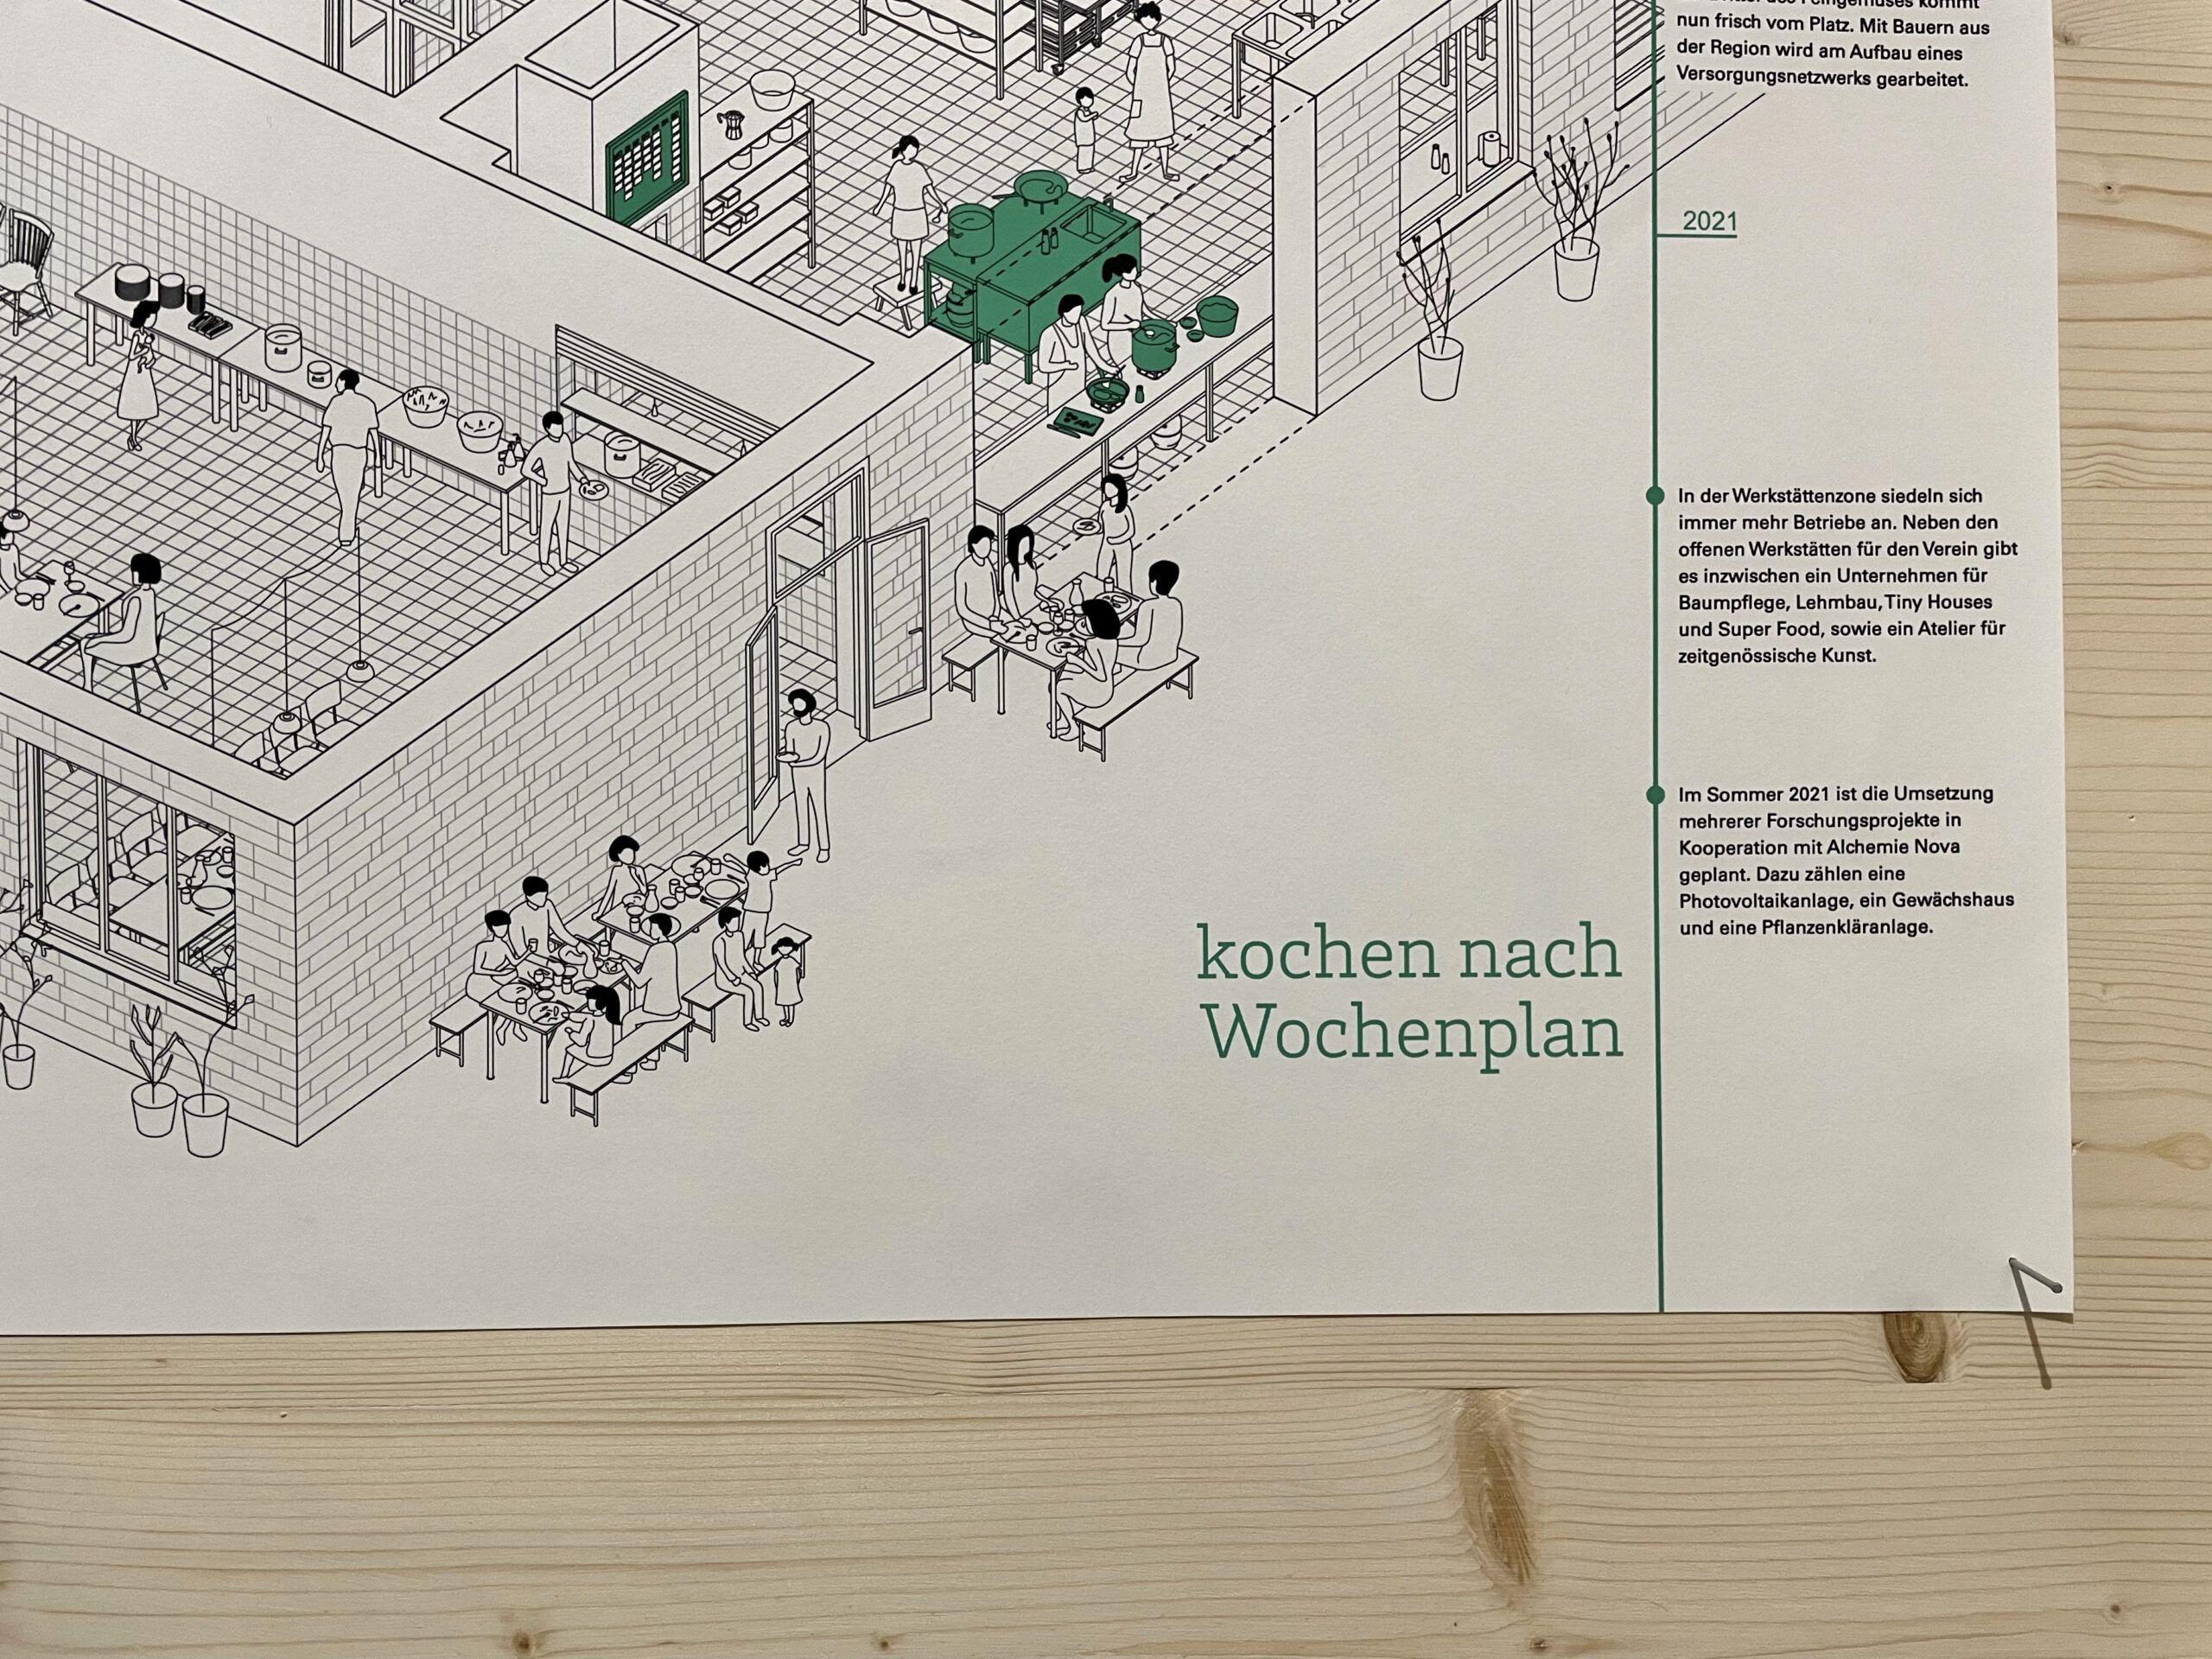 Steiermark Schau, 2021